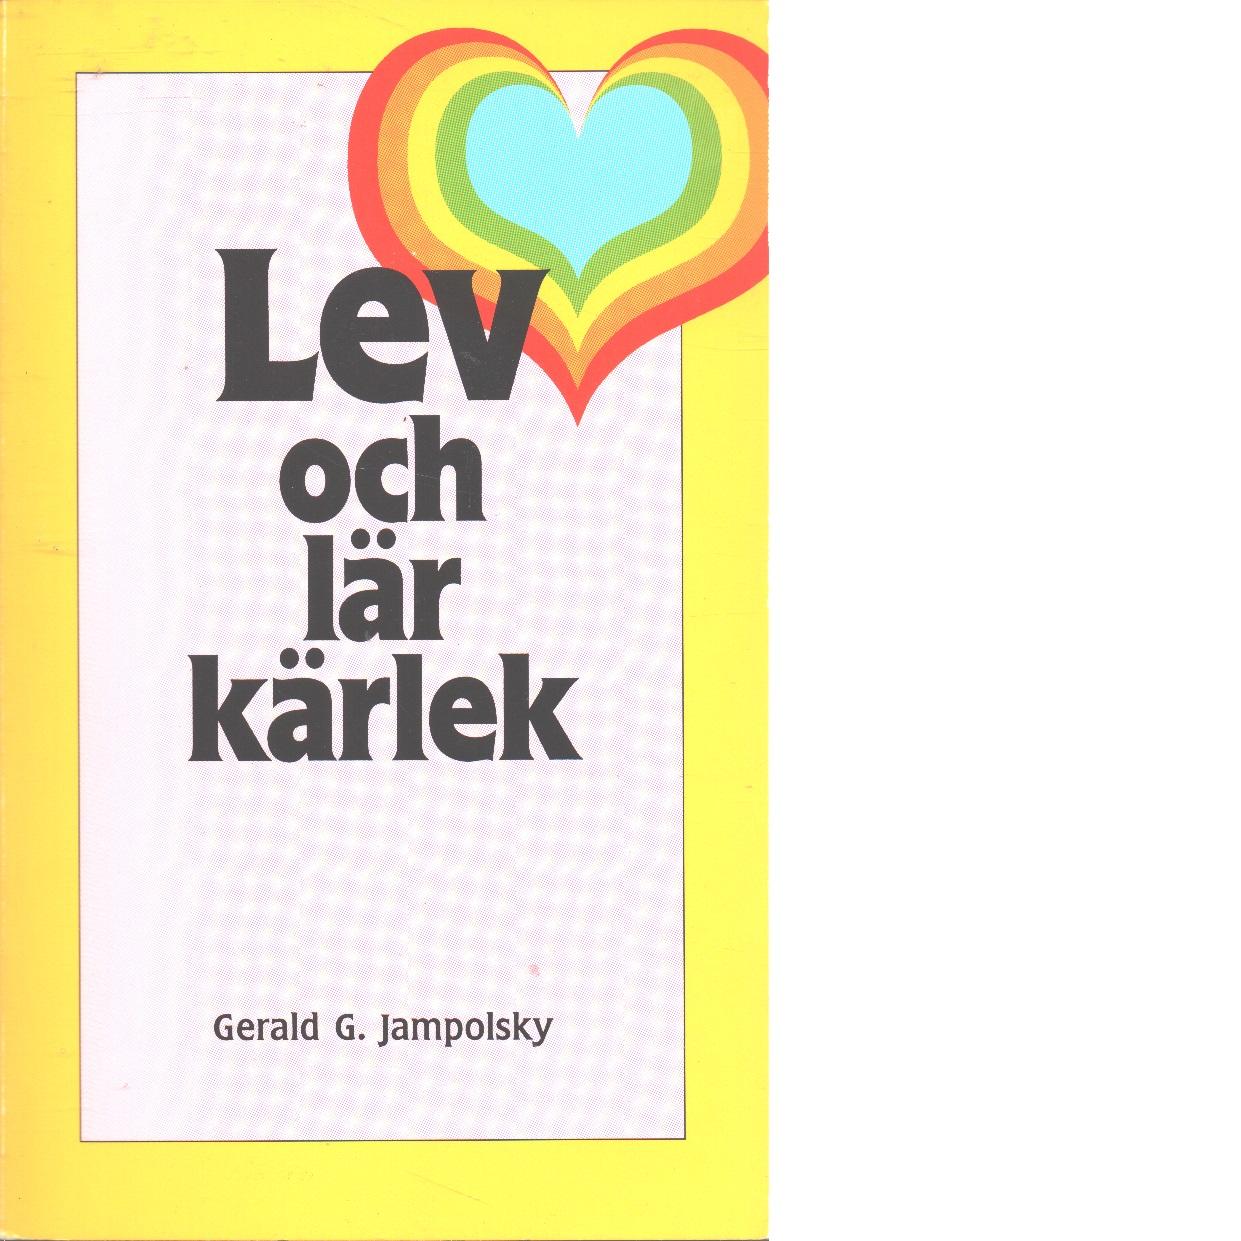 Lev och lär kärlek : de sju principerna för den helande inställningen - Jampolsky, Gerald G